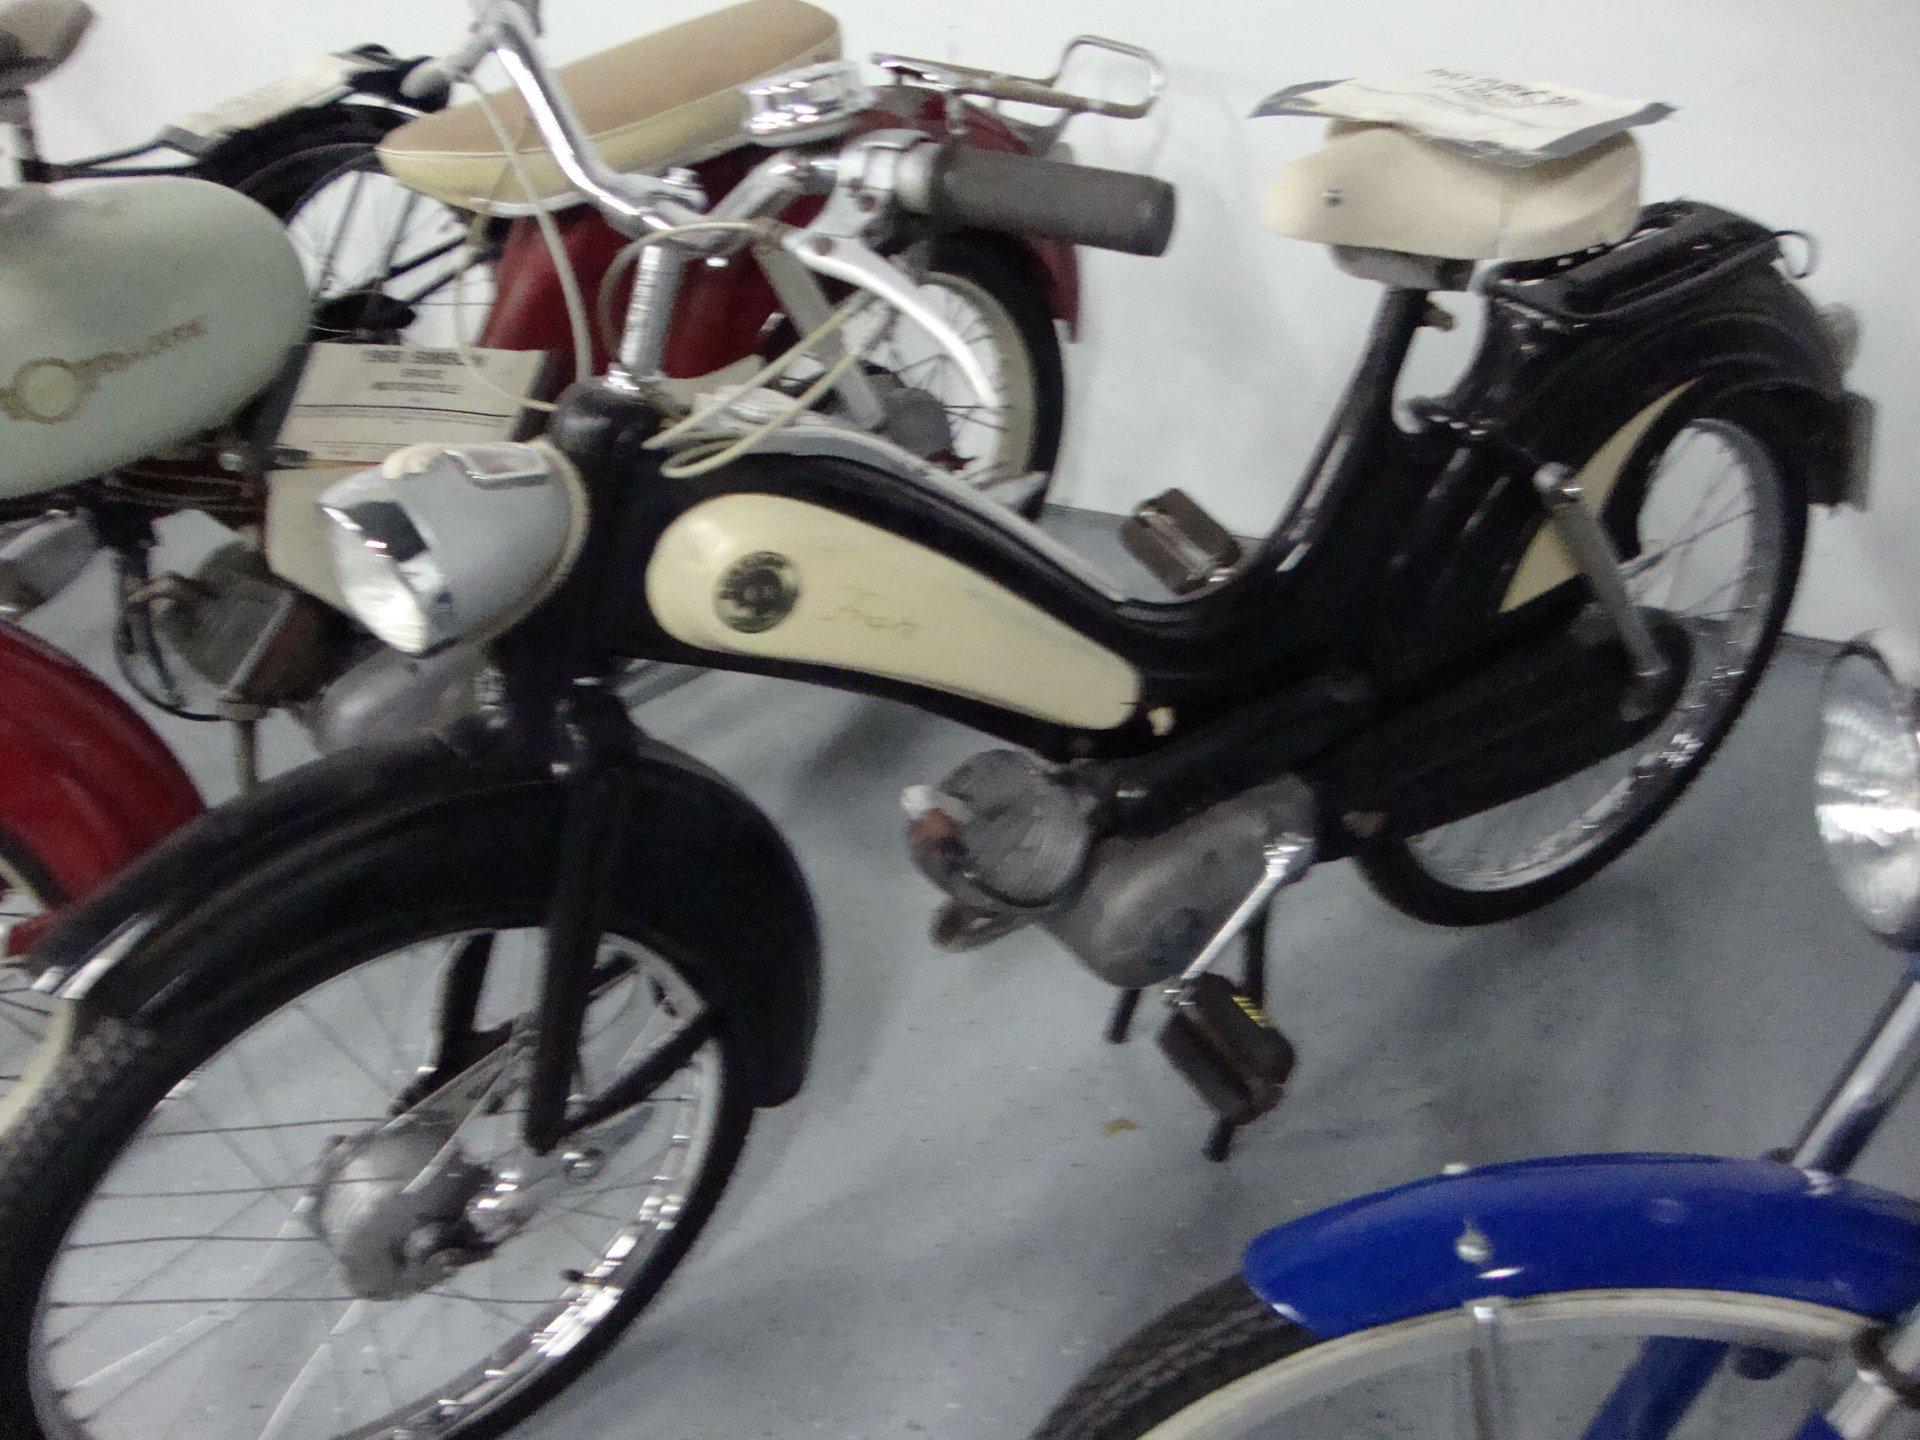 1957 durkopp fratz vintage scooter